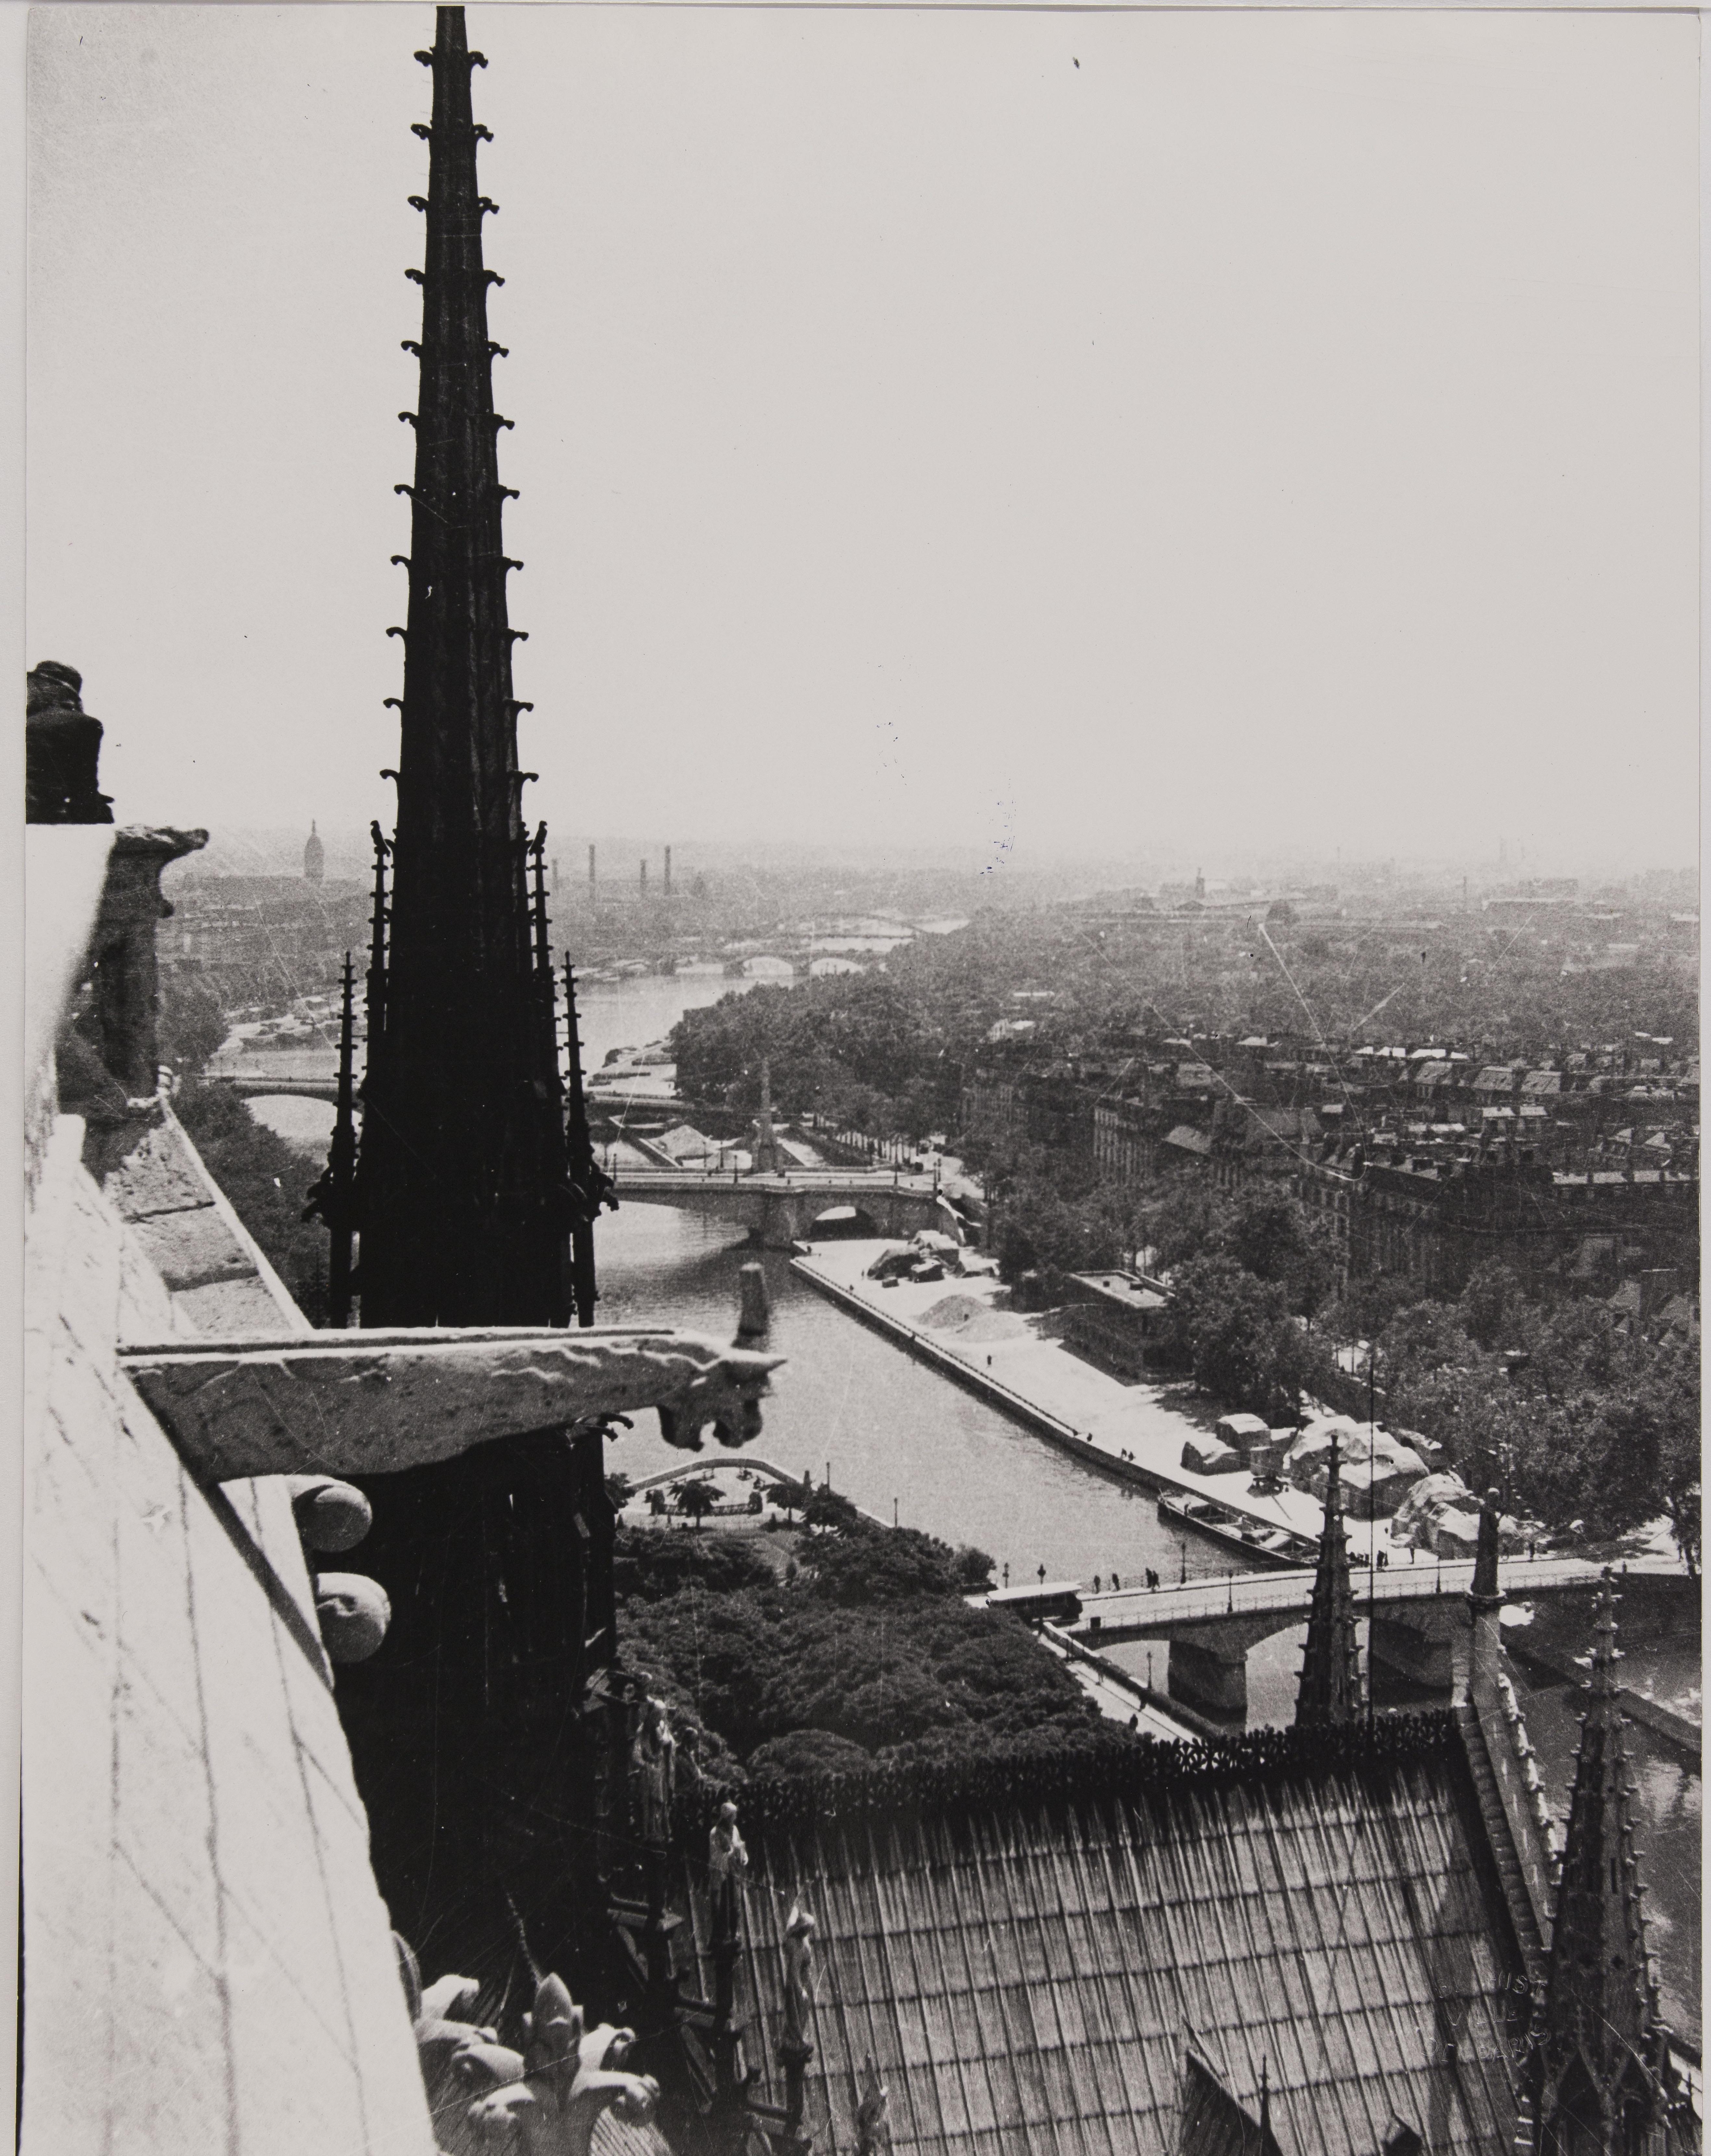 Flèche, toît et gargouille de Notre-Dame de Paris avec panorama sur la Seine, vers l'est, une photographie de Jean Roubier, avant 1938, tirage gélatino-argentique sur papier baryté ; 23 x 18 cm. 4-ENA-00042-0057, Ville de Paris / BHVP, https://bibliotheques-specialisees.paris.fr/ark:/73873/pf0001880006, Cliquer sur la photo pour voir l'original et ses références